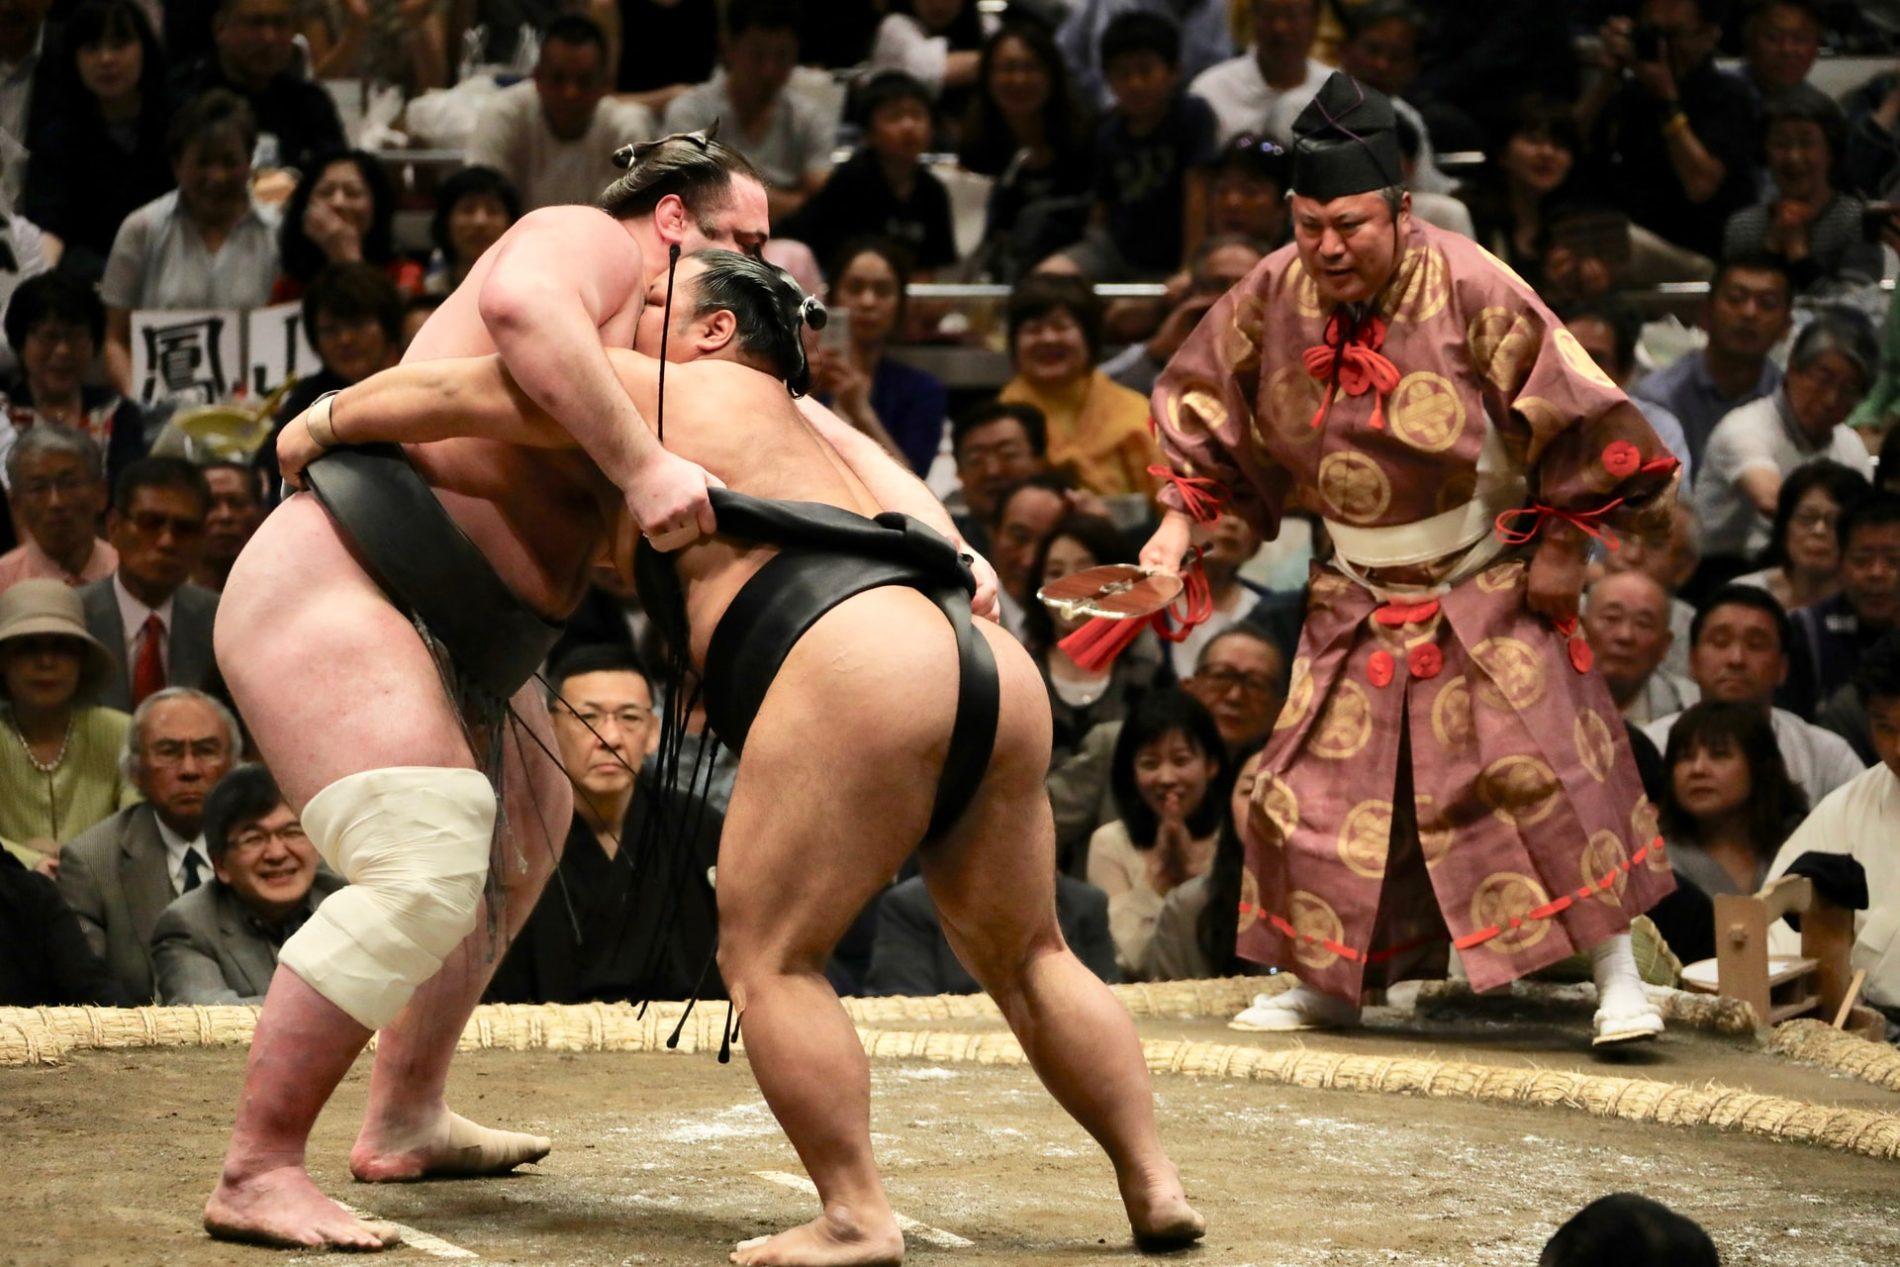 Übers Jahr hinweg finden mehrere große sumō-Turniere in Japan statt. Mit etwas Glück kannst du während deiner Japanreise einem Kampf beiwohnen. (Foto: Bob Fisher auf Unsplash https://unsplash.com/photos/kVi5zMOUTFc)